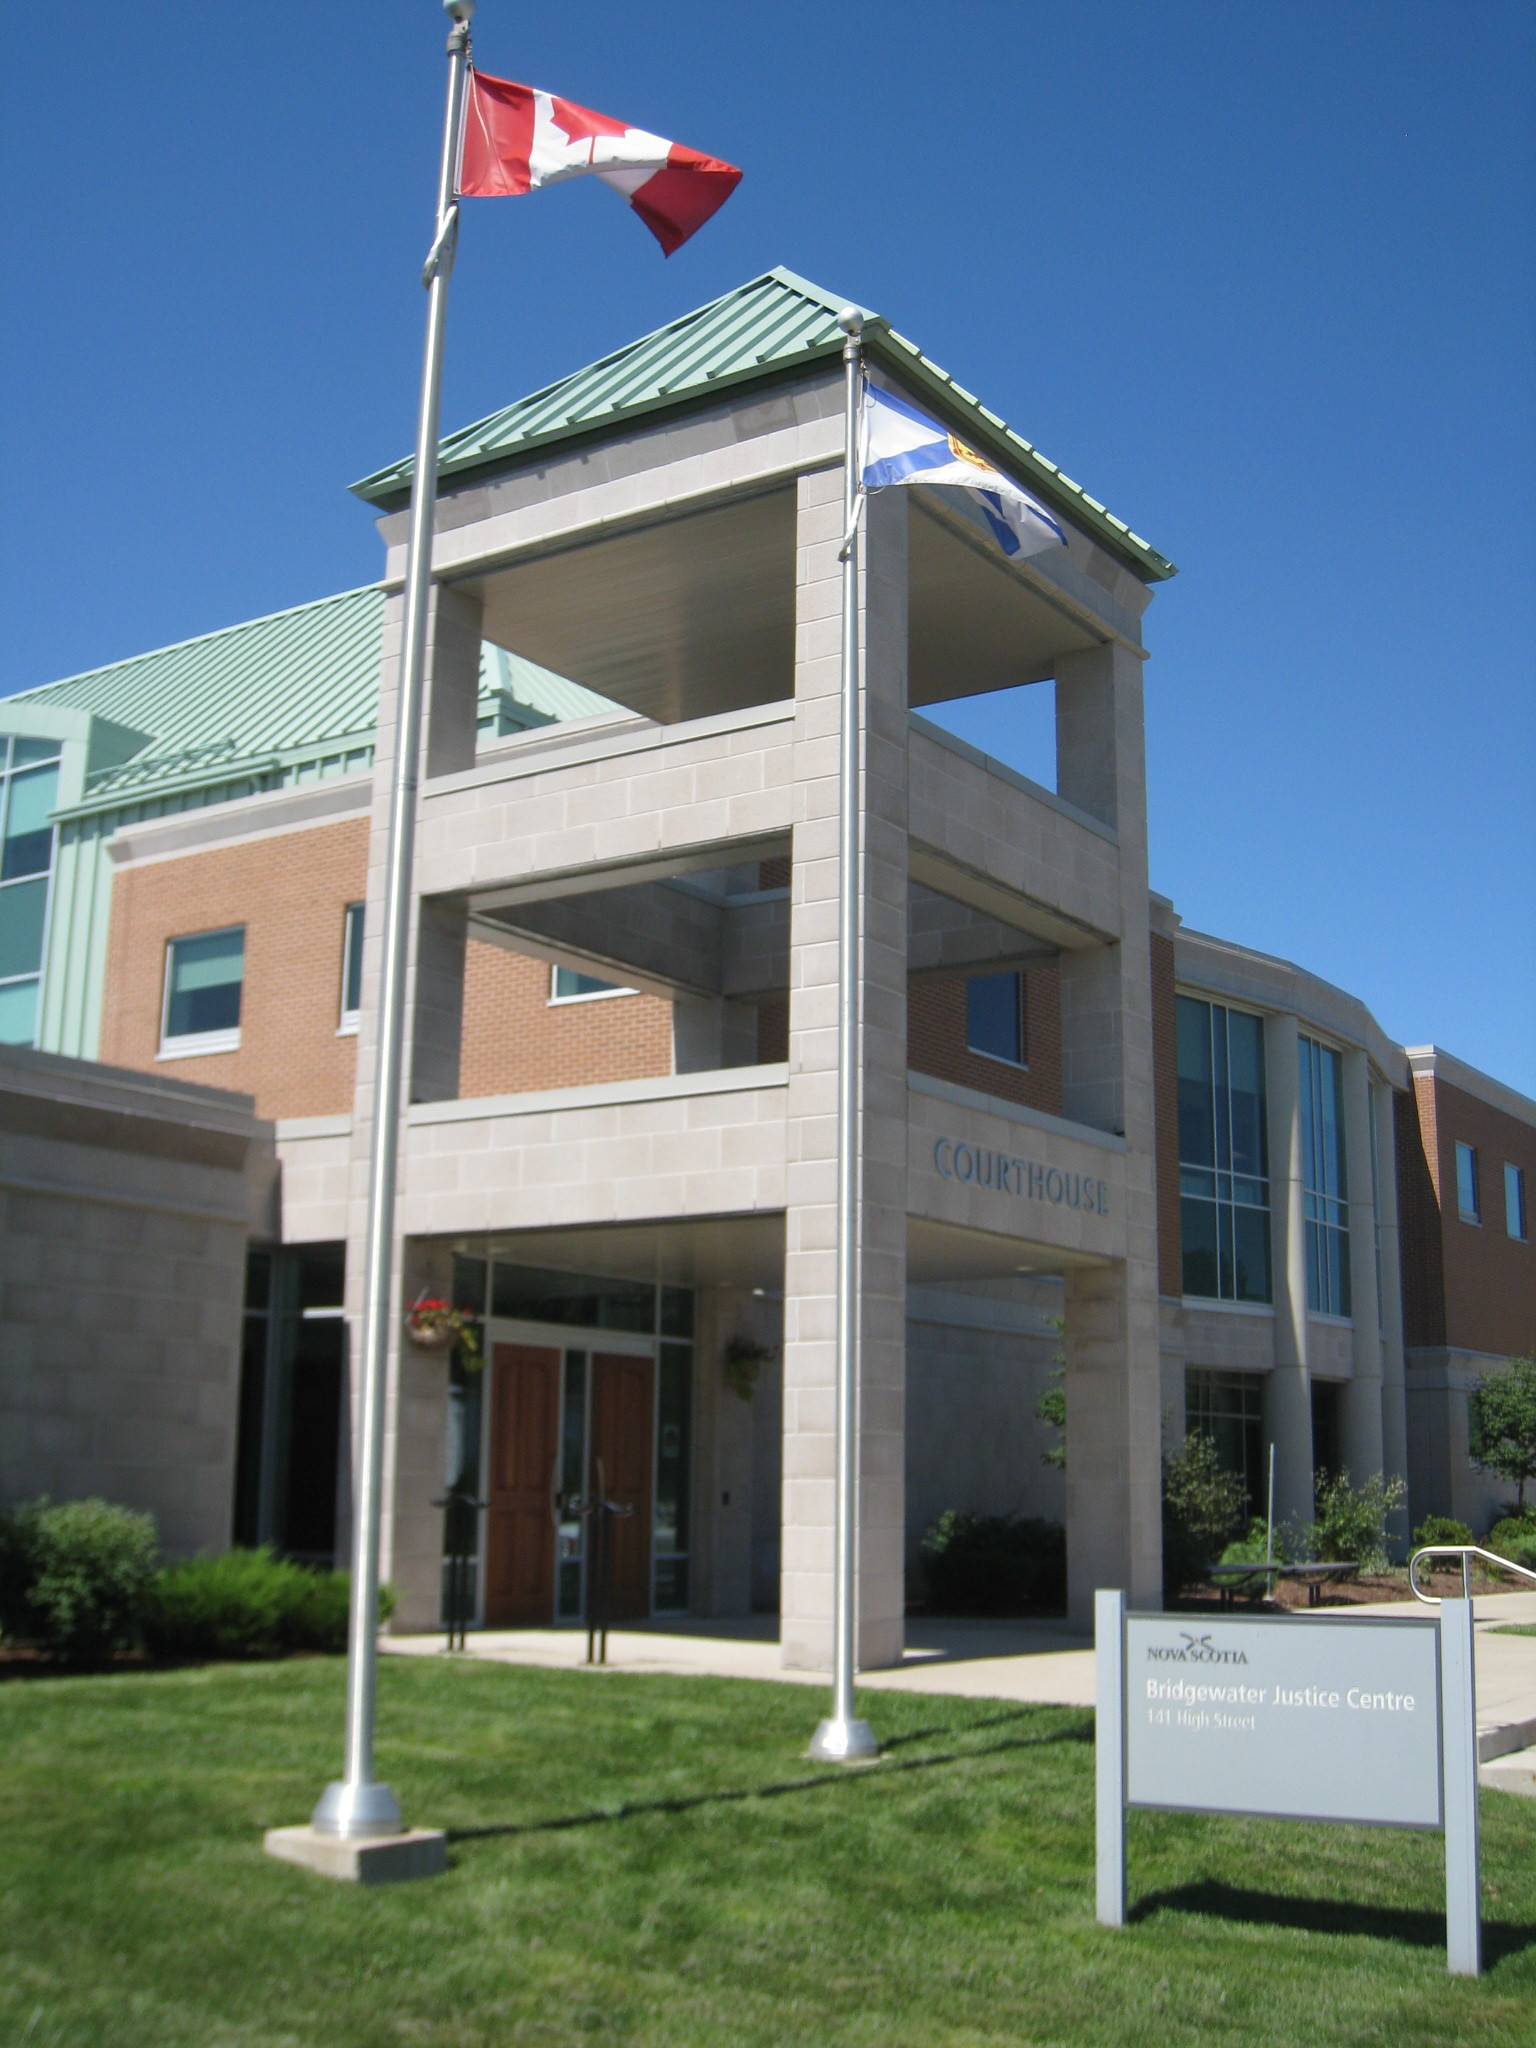 Bridgewater Justice Centre